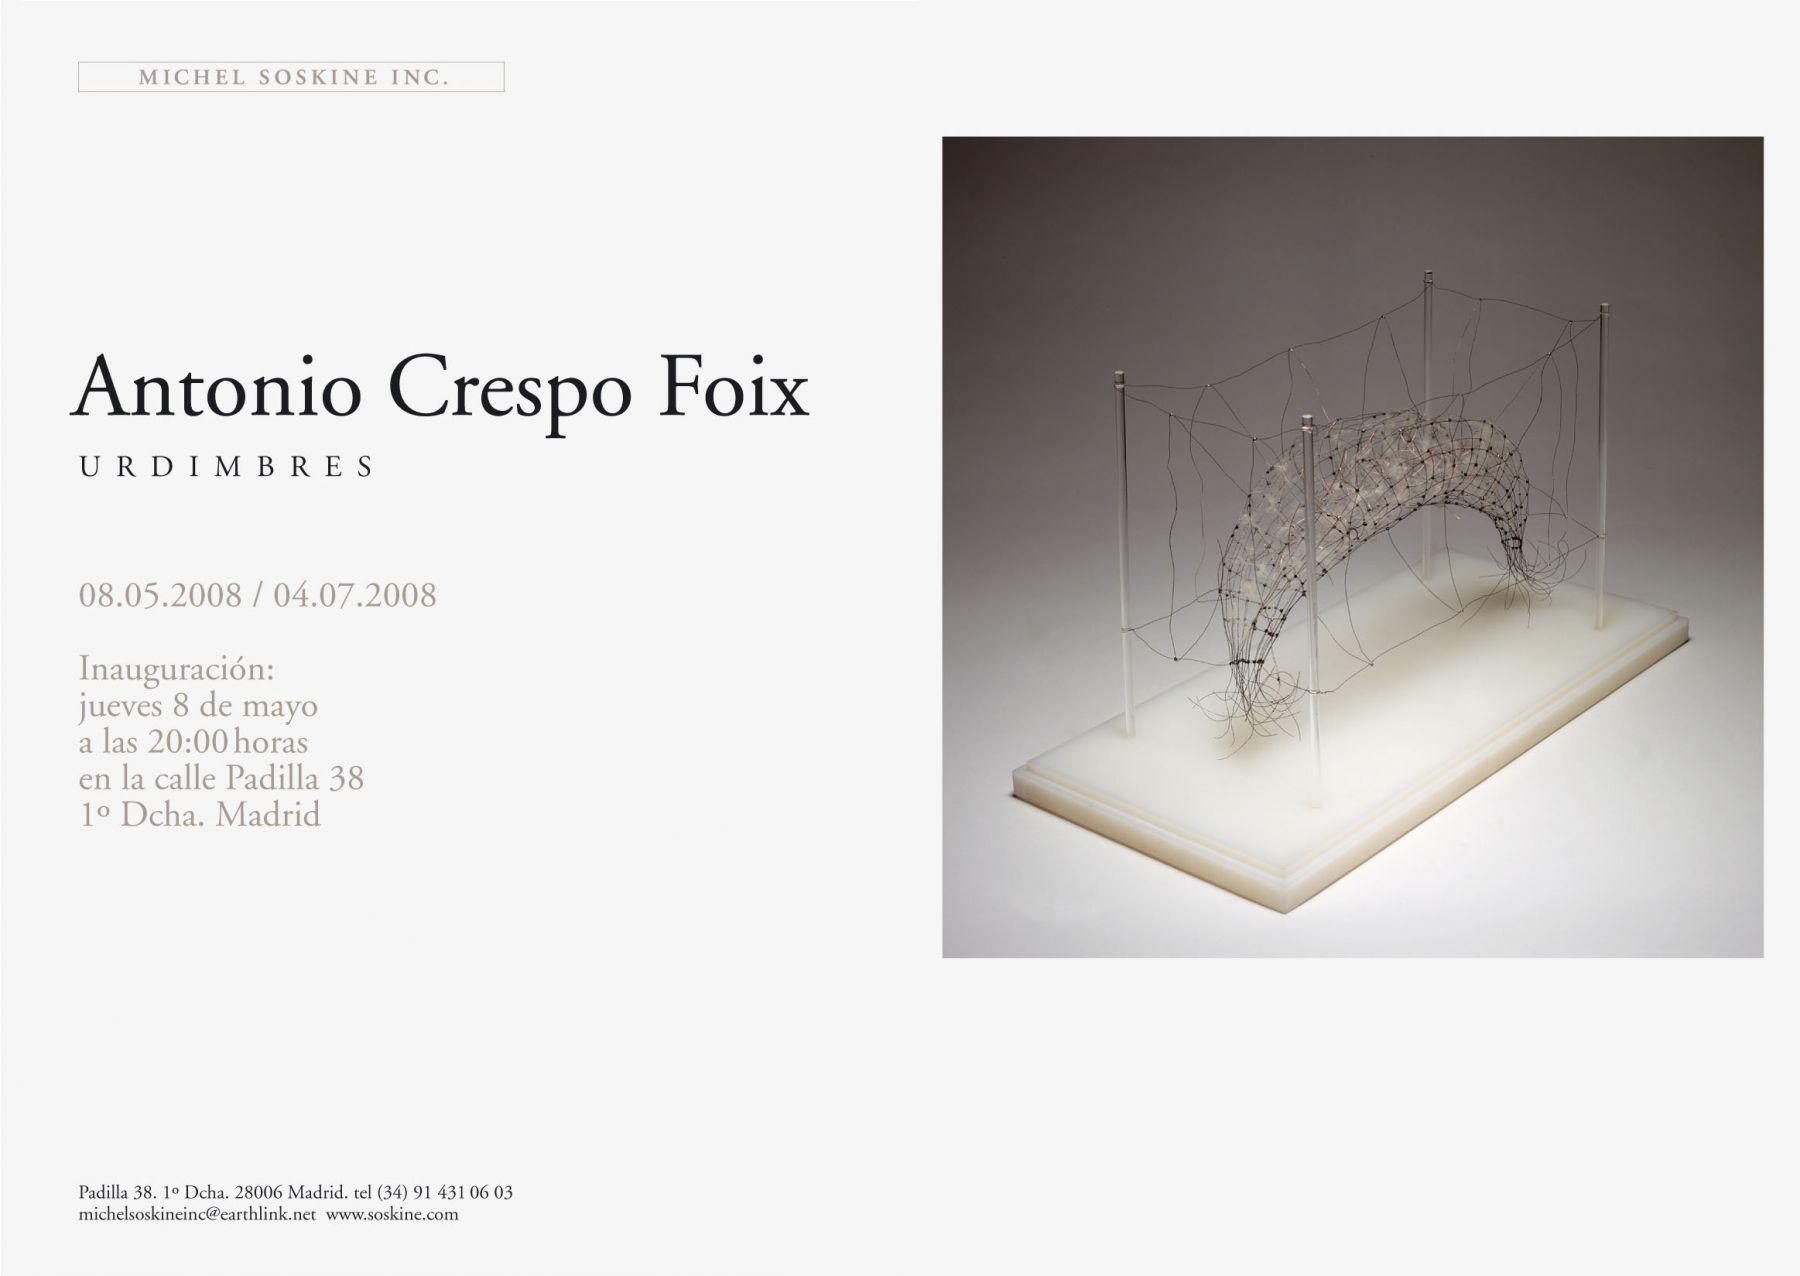 ANTONIO CRESPO FOIX